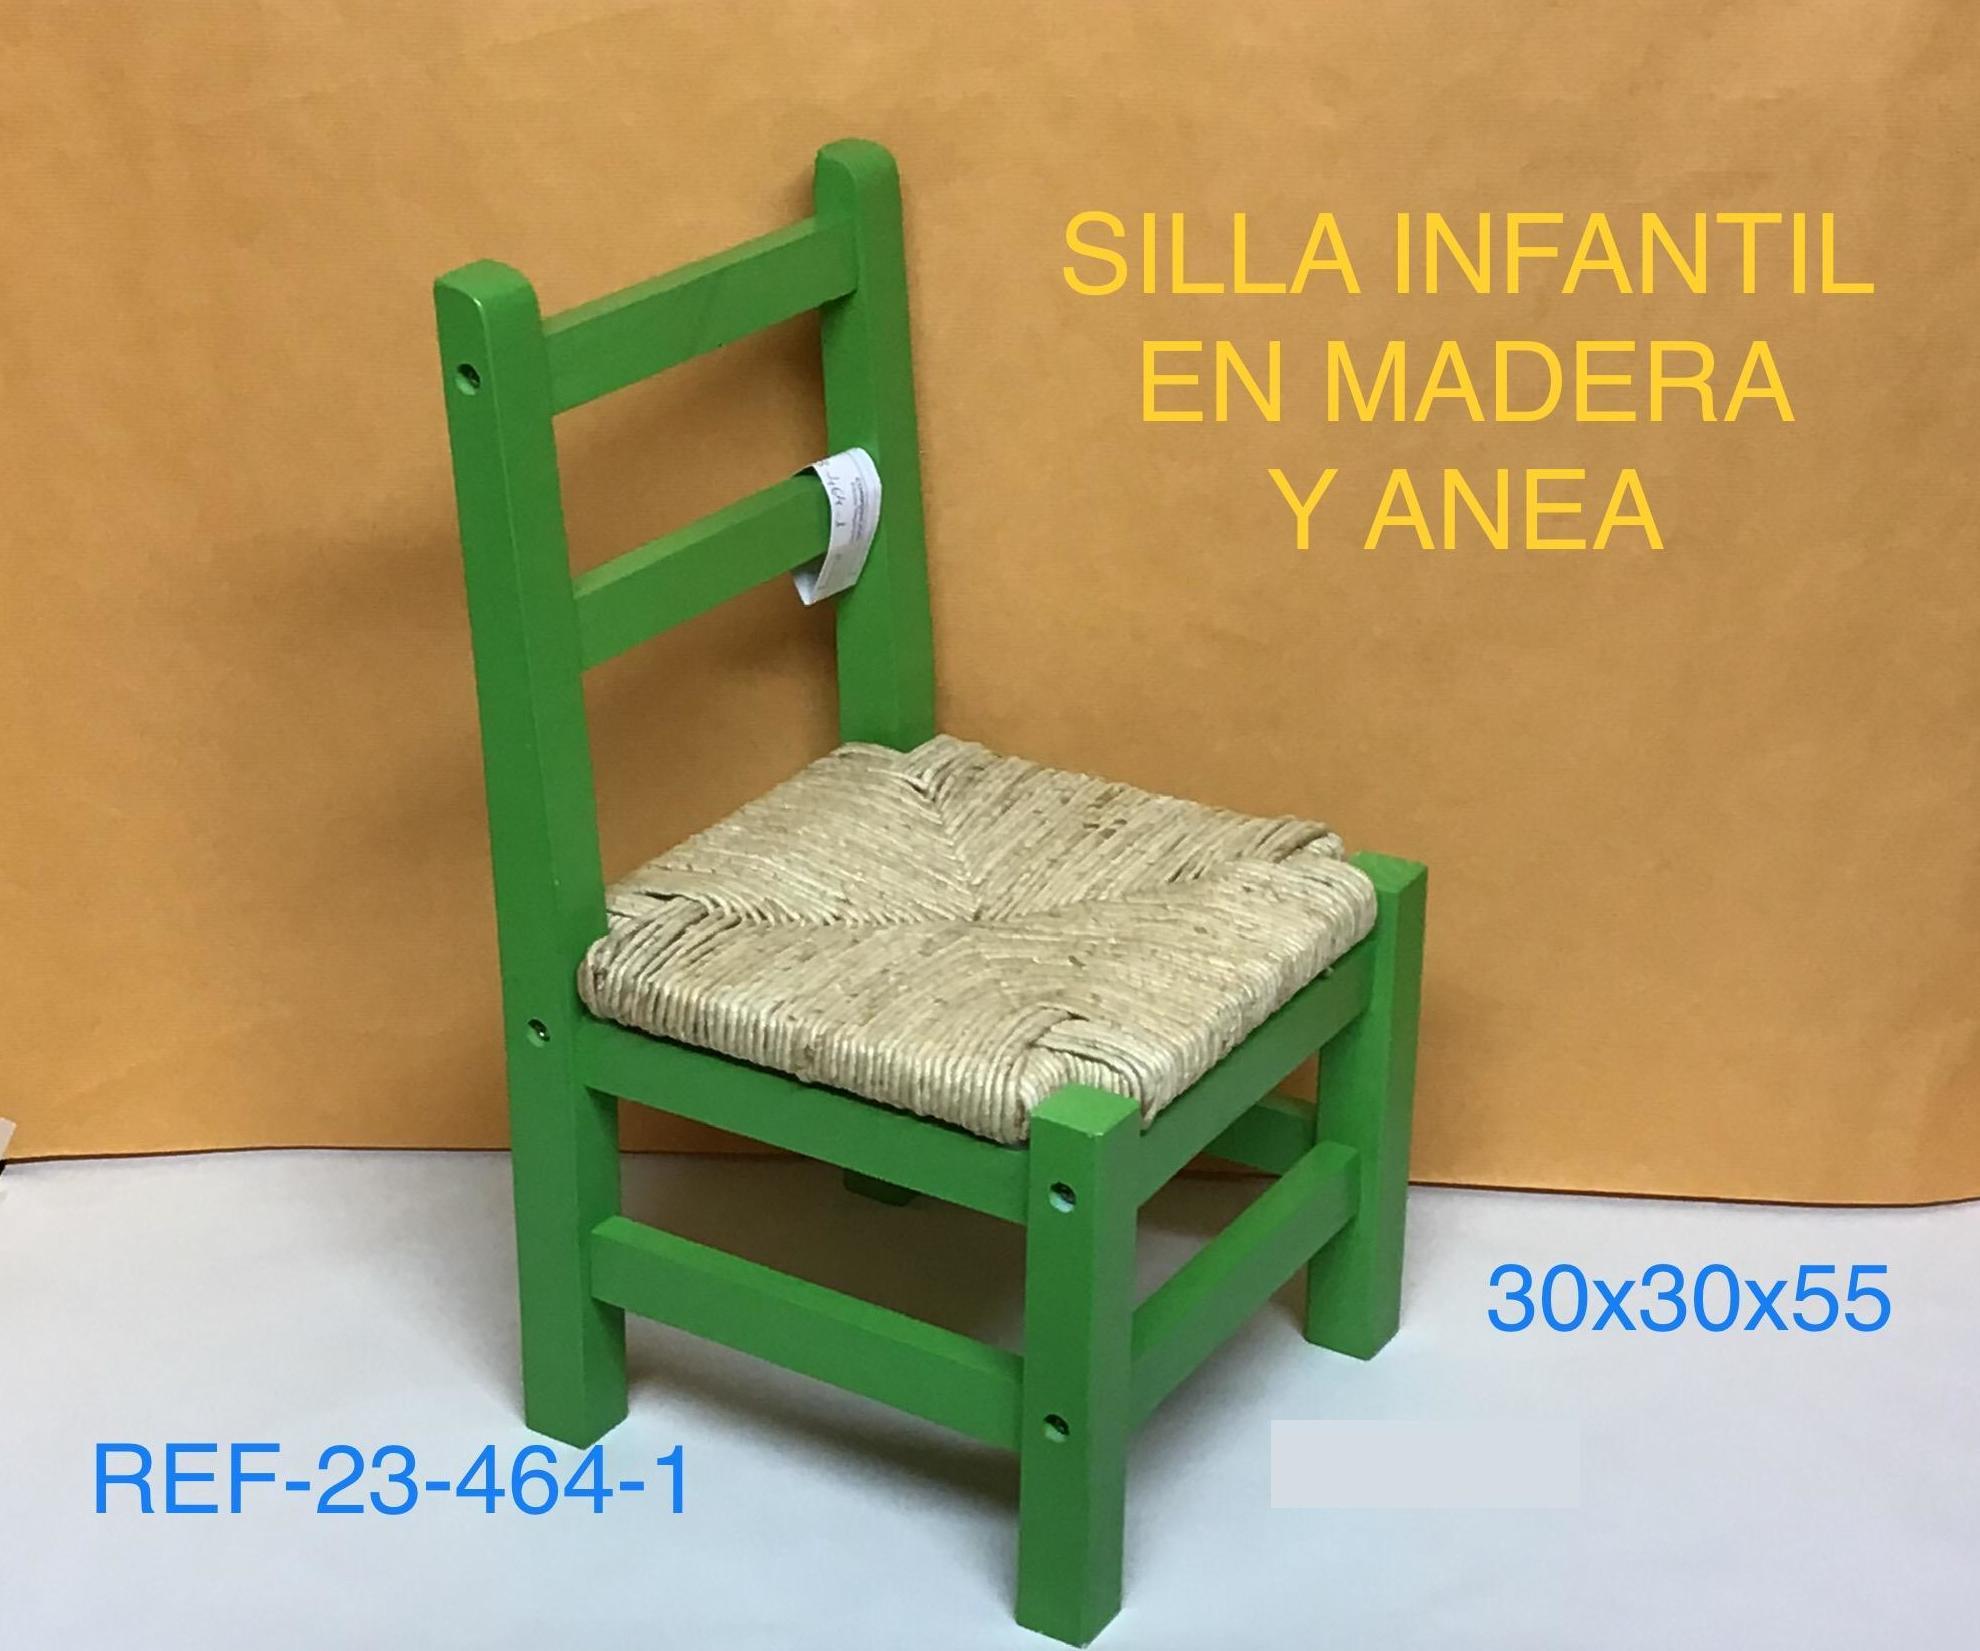 SILLA INFANTIL ANEA COLOR VERDE 30X30X55